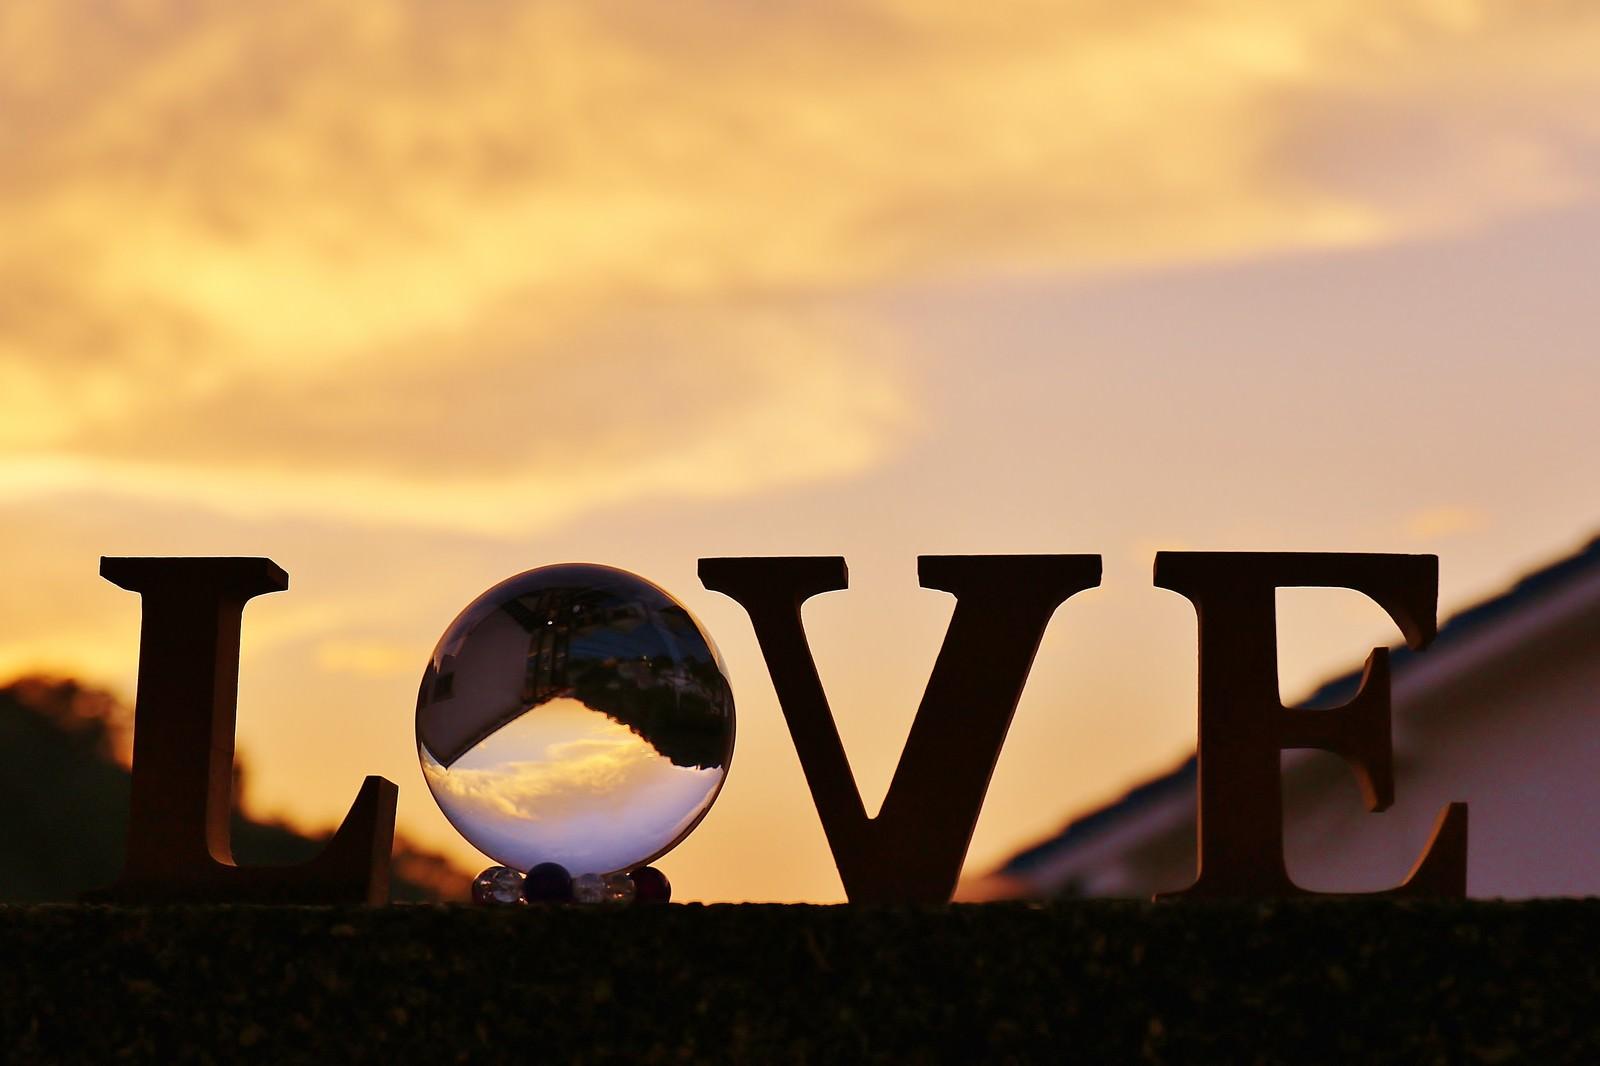 「夕焼けに染まるLOVE」の写真